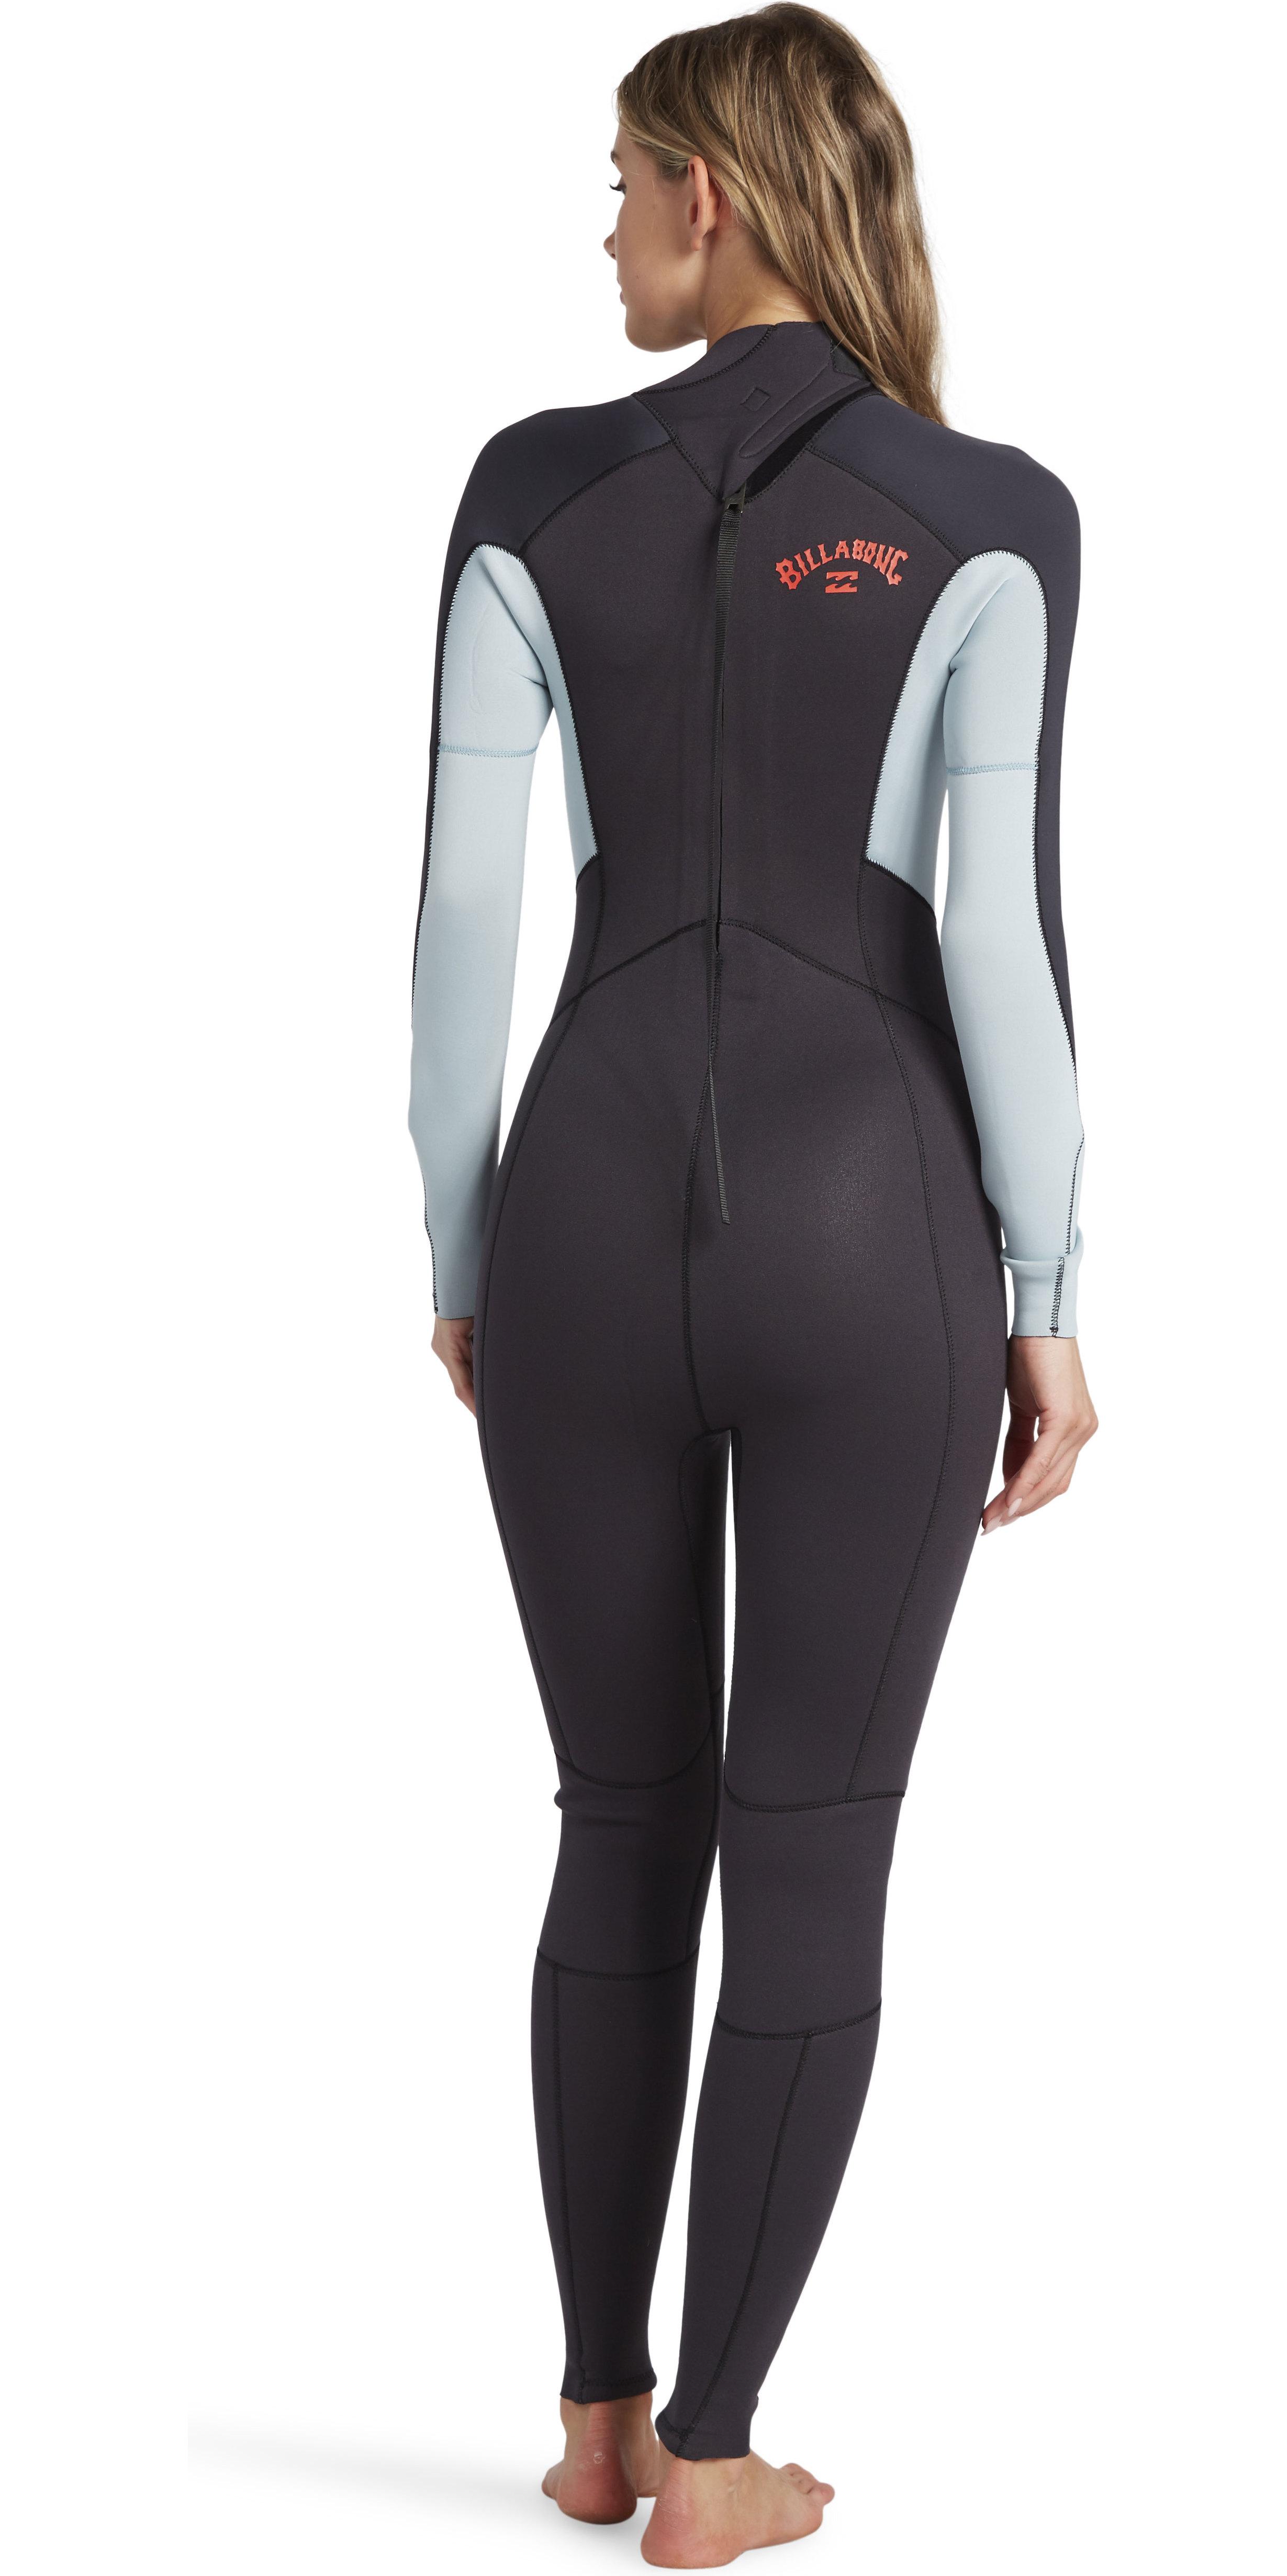 2020 Billabong Womens Launch 4/3mm Back Zip GBS Wetsuit 044G18 - Grey